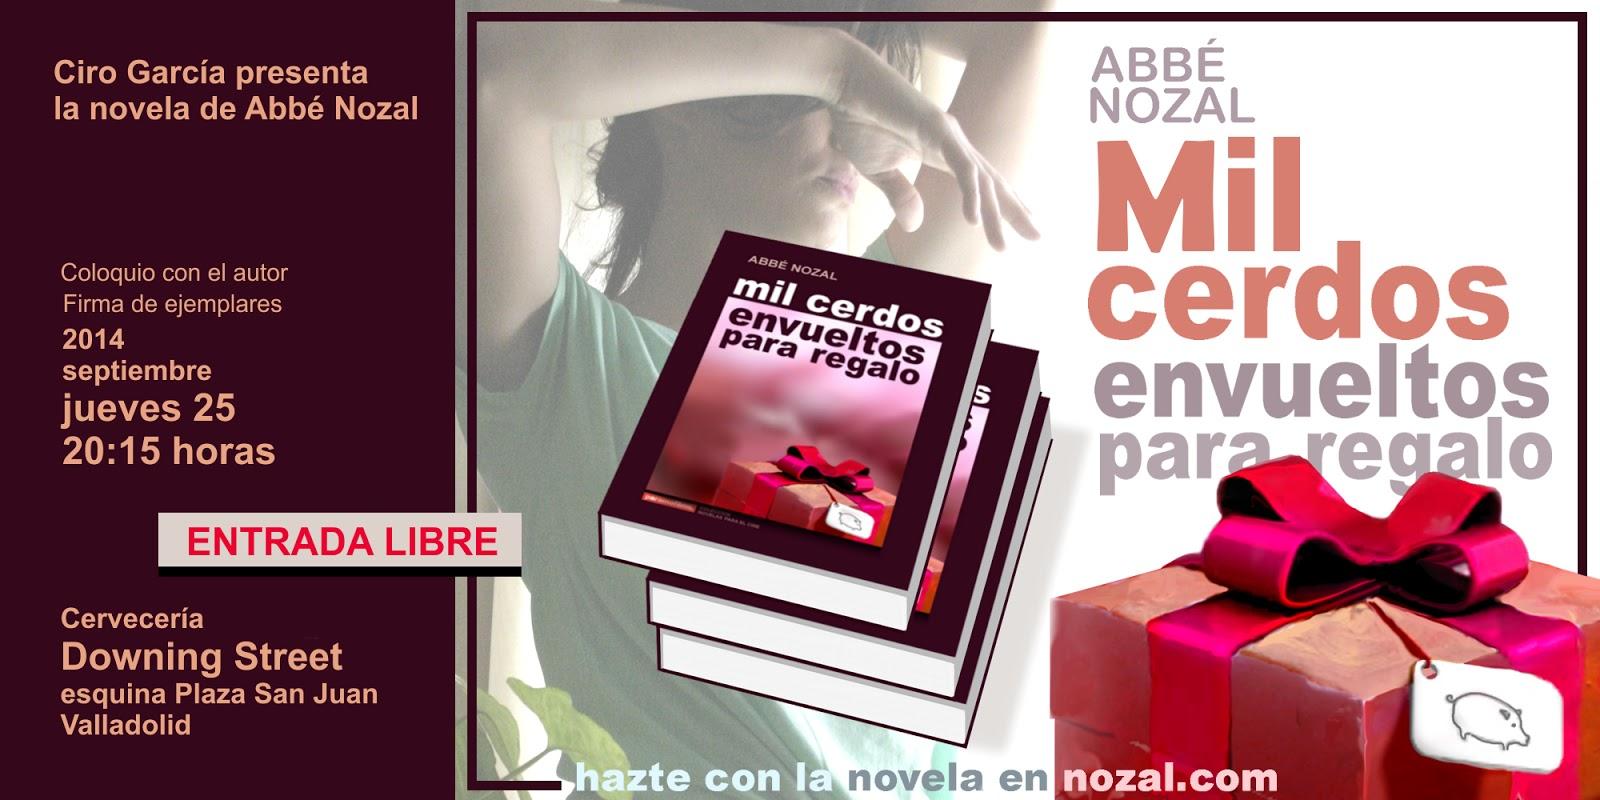 Presentación en Valladolid, 2014 Abbé Nozal